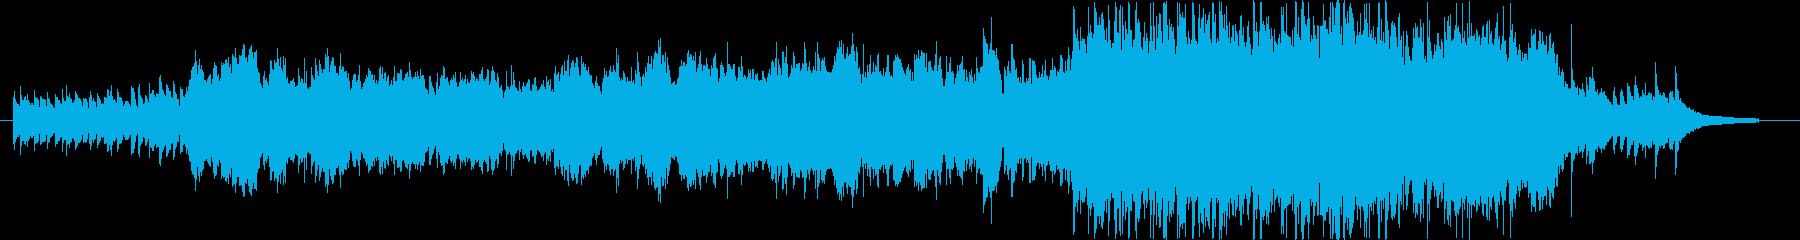 アコースティックな雰囲気なVnメイン曲の再生済みの波形